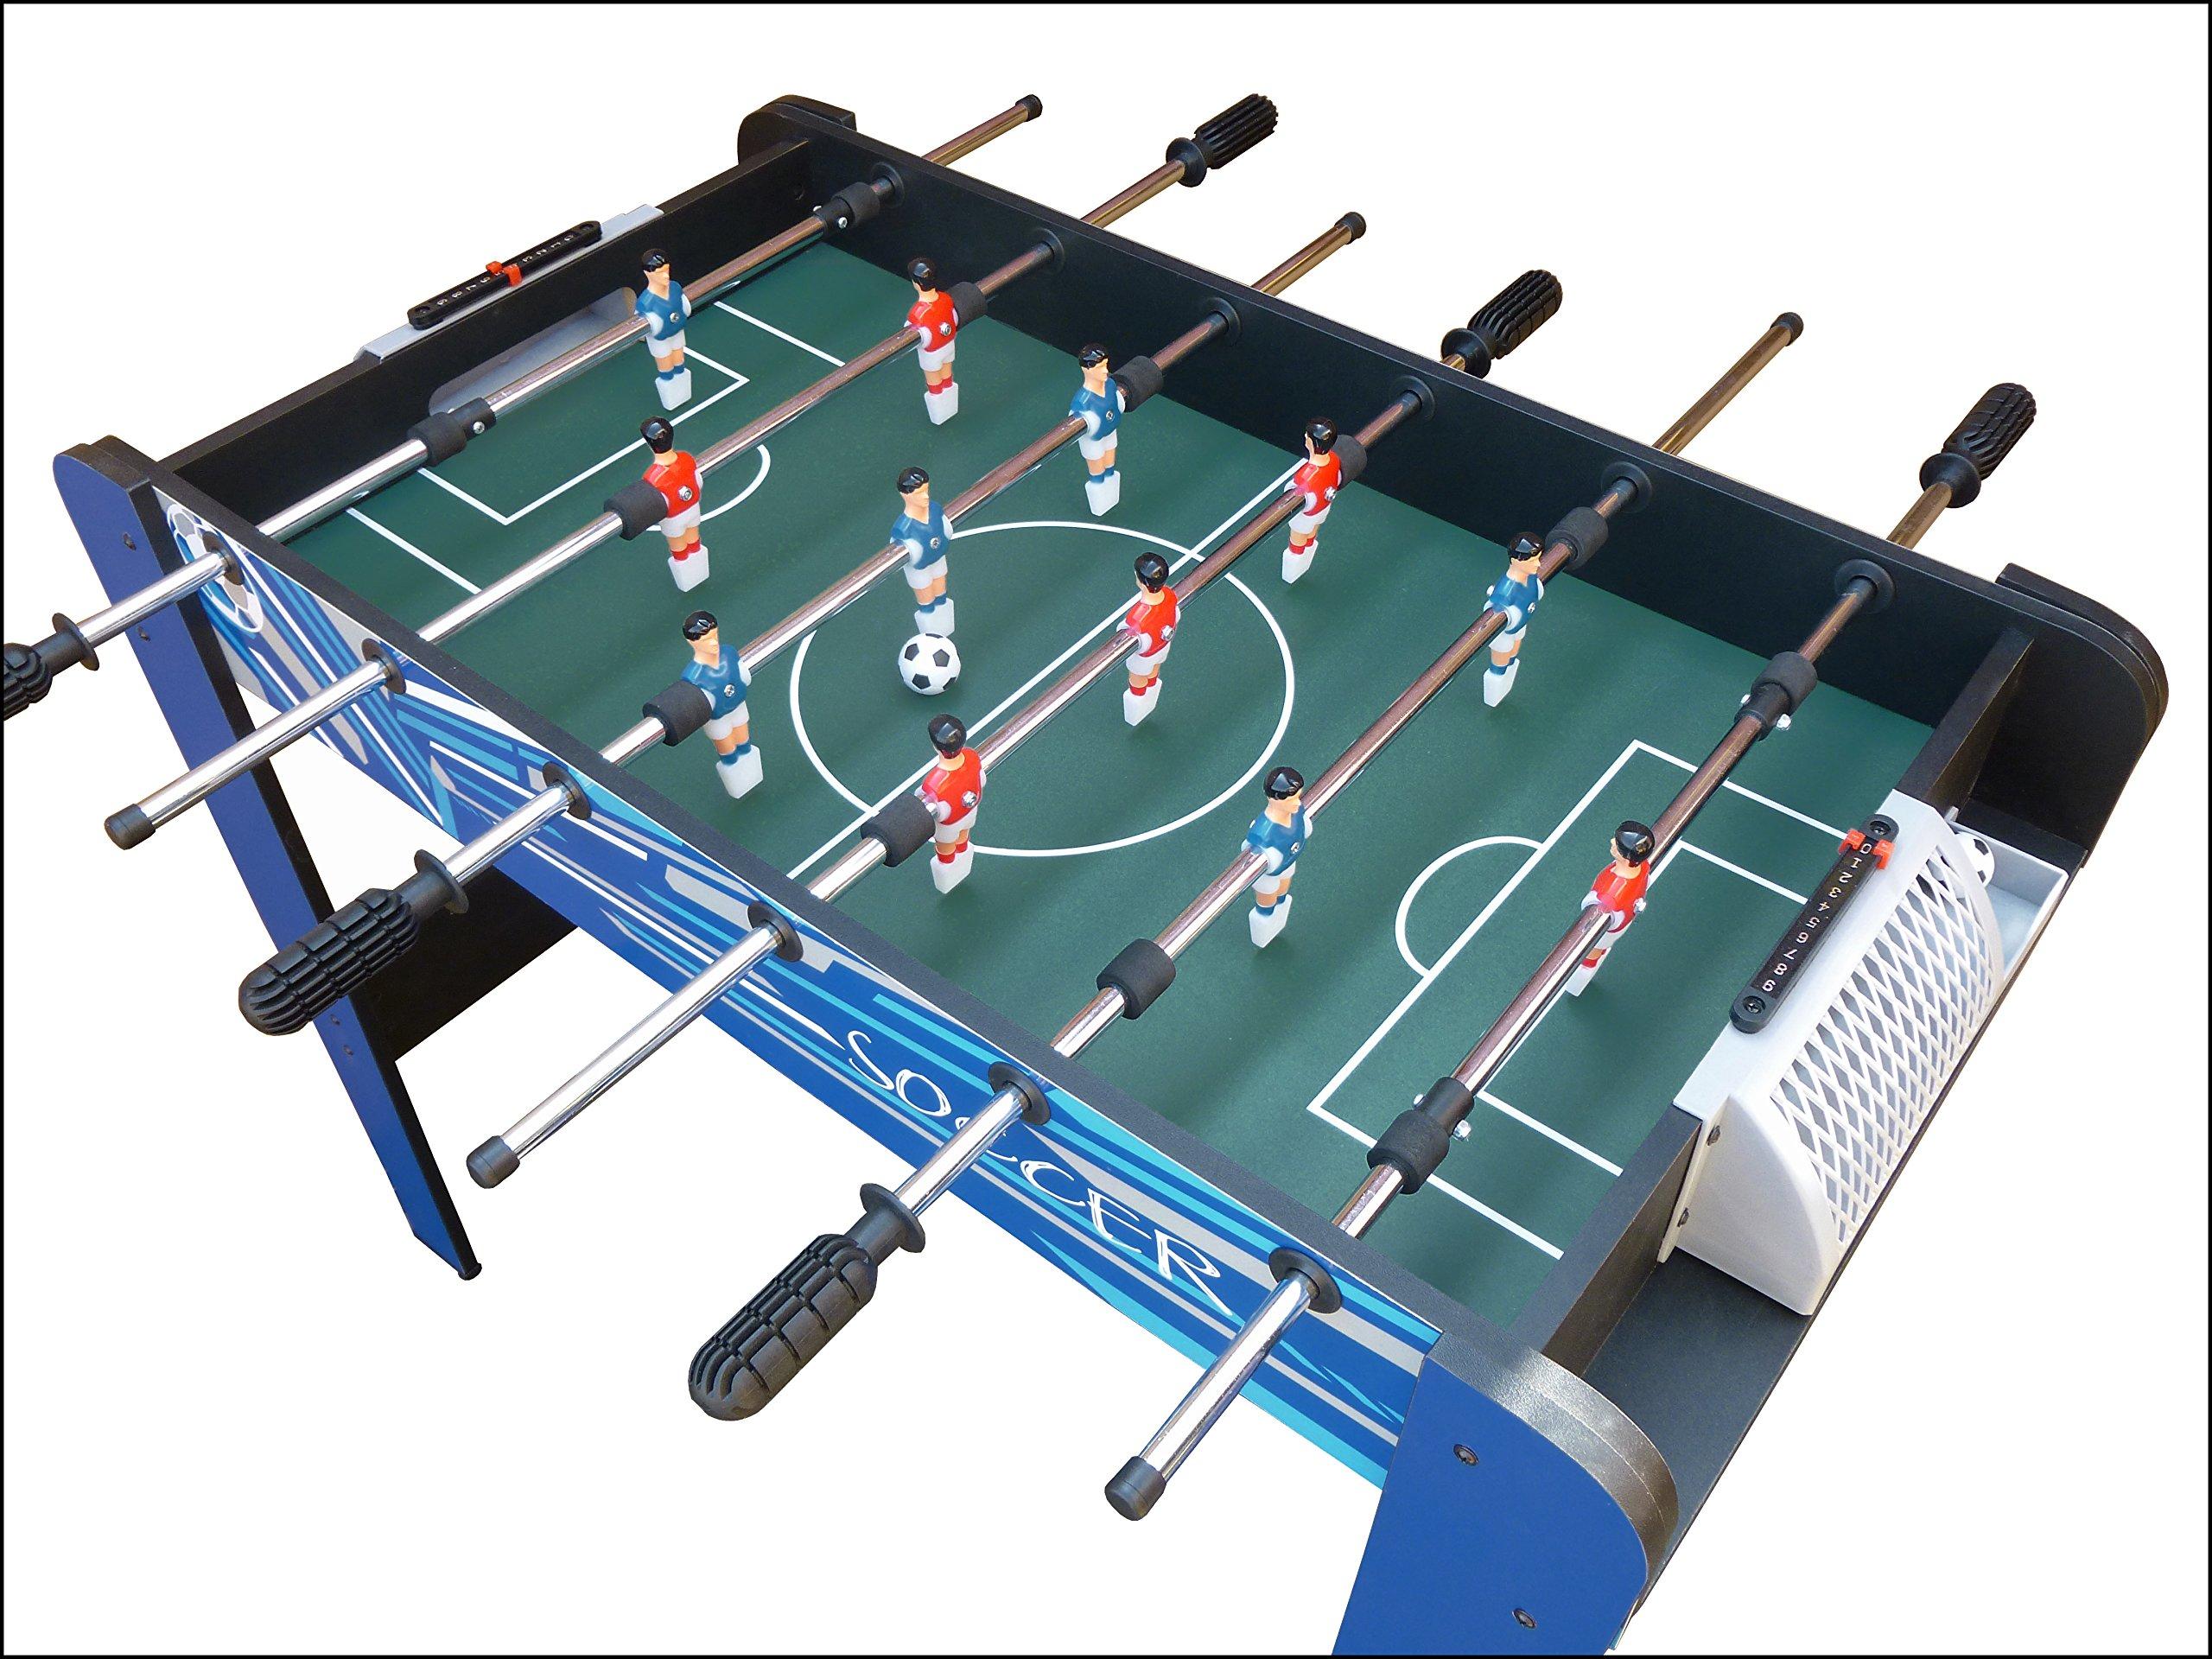 Mightymast Leisure Kids Shooter Cuadro de fútbol, Azul, 3 m: Amazon.es: Deportes y aire libre